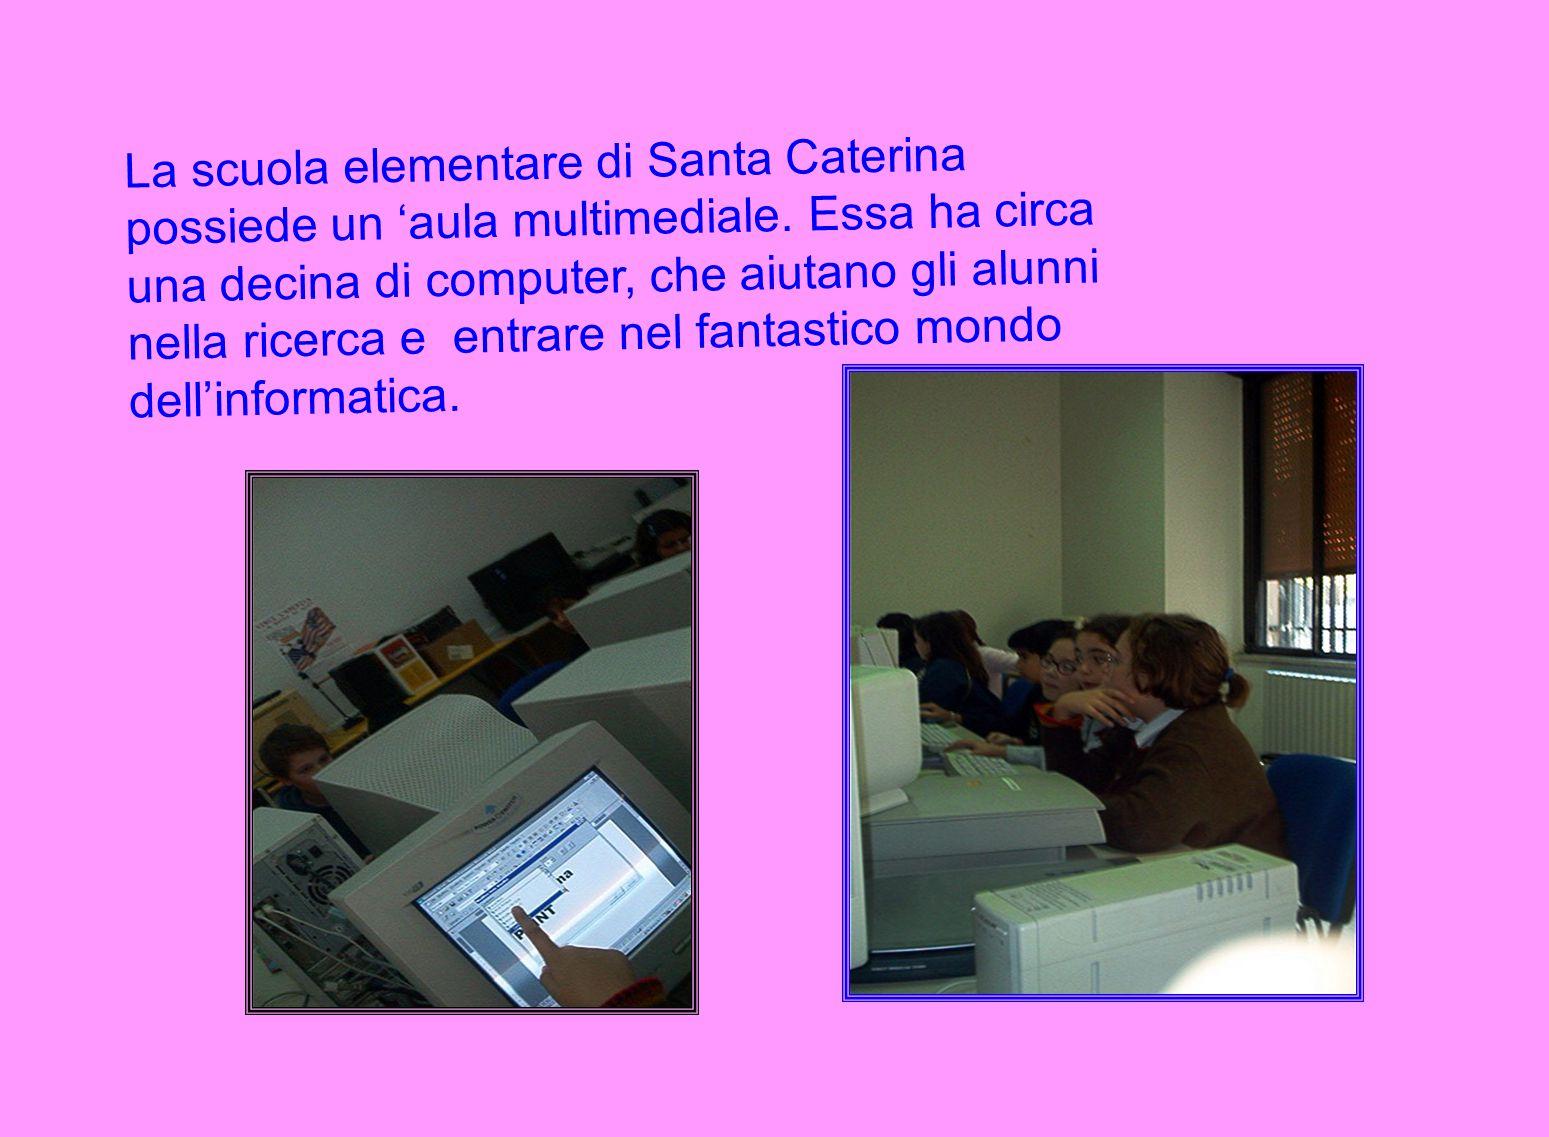 La scuola elementare di Santa Caterina possiede un 'aula multimediale. Essa ha circa una decina di computer, che aiutano gli alunni nella ricerca e en